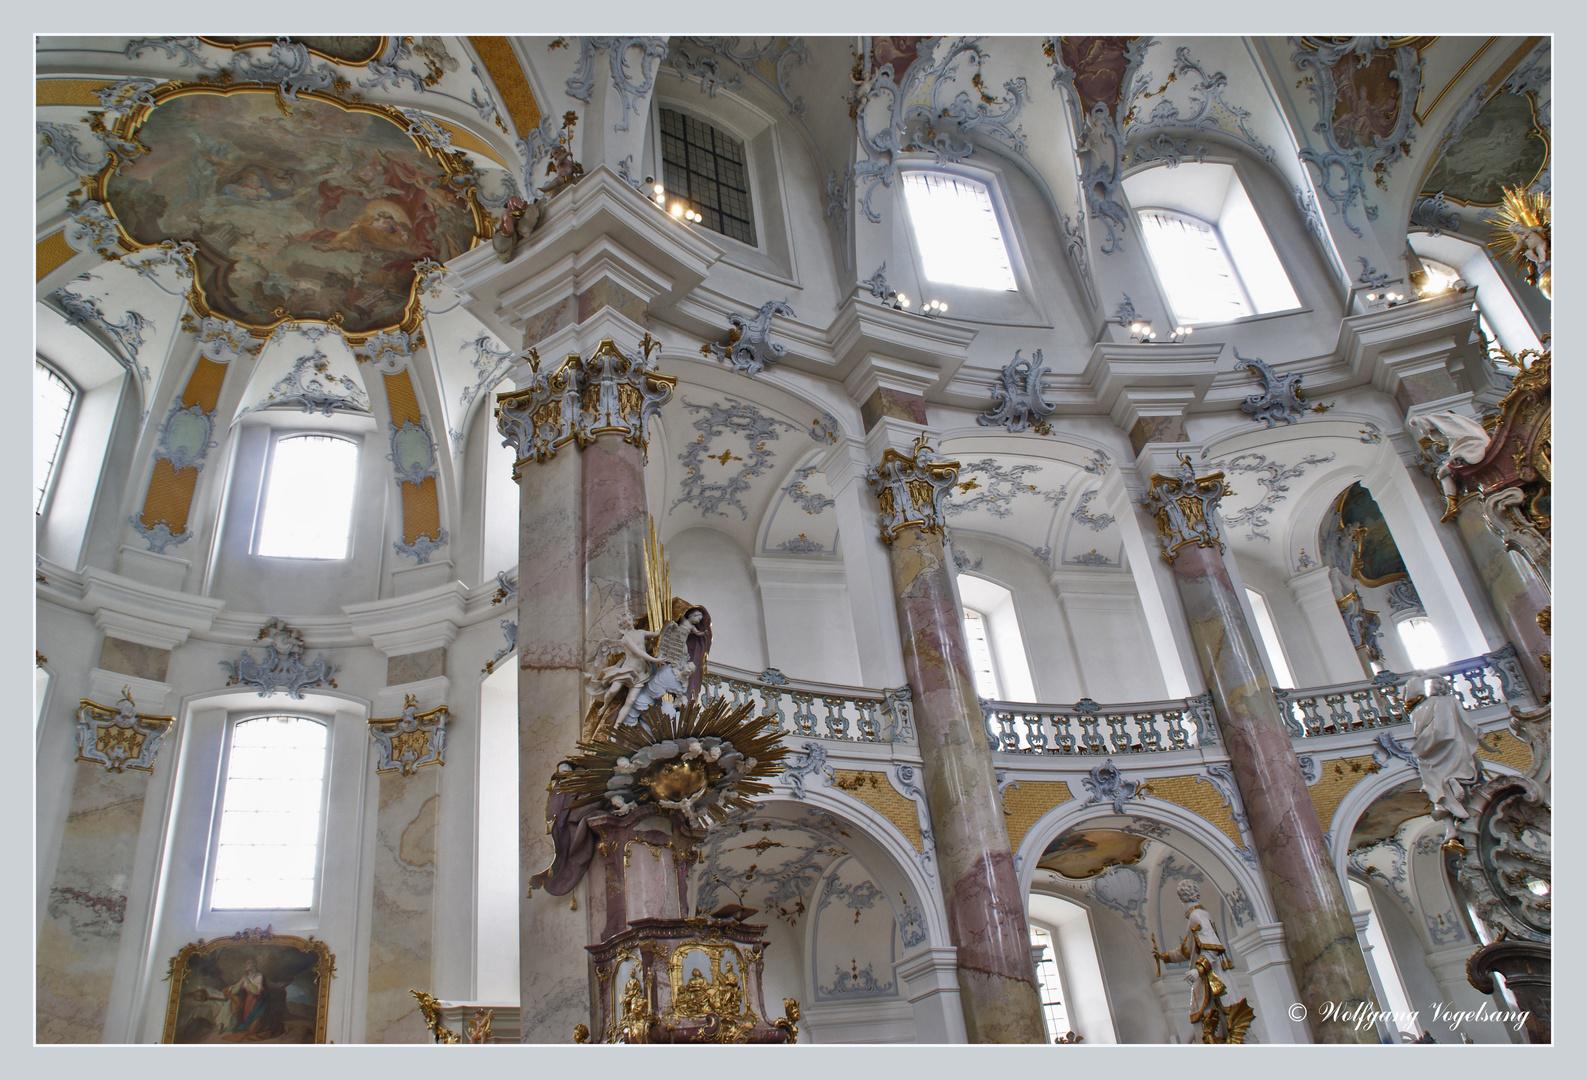 Wallfahrtskirche Vierzehnheiligen in Oberfranken